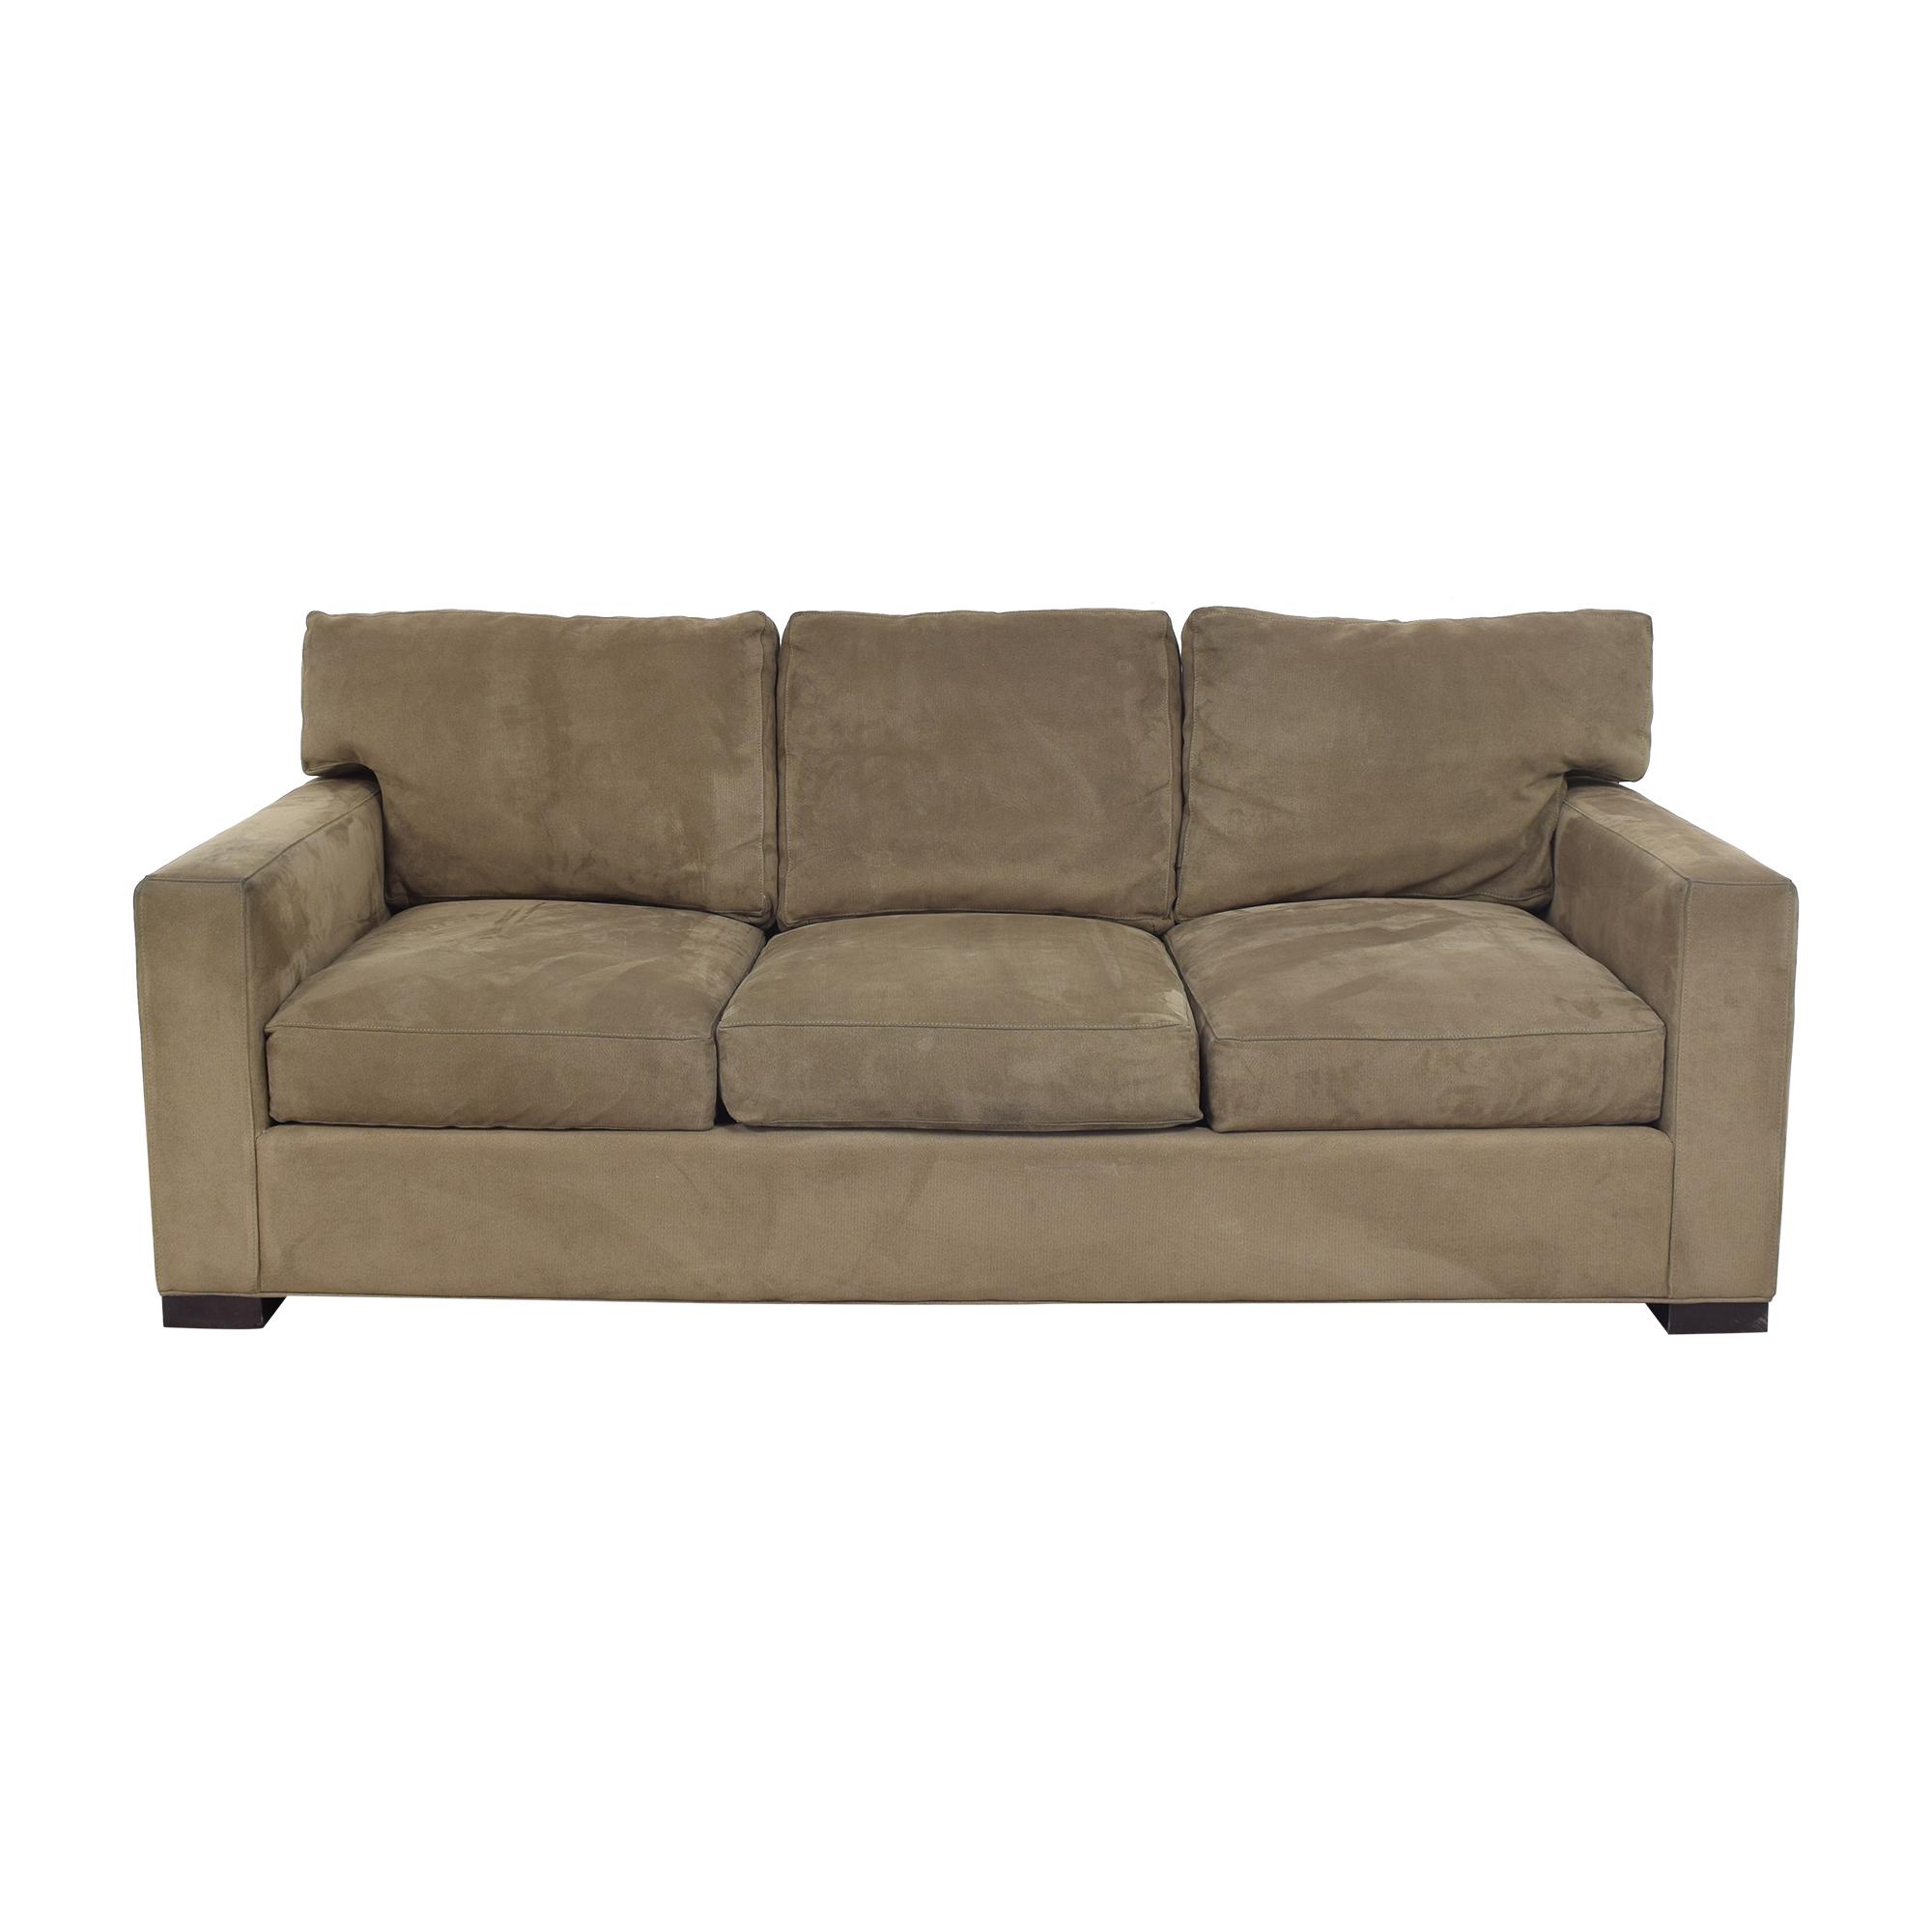 Crate & Barrel Crate & Barrel Axis Three Seat Sofa Classic Sofas